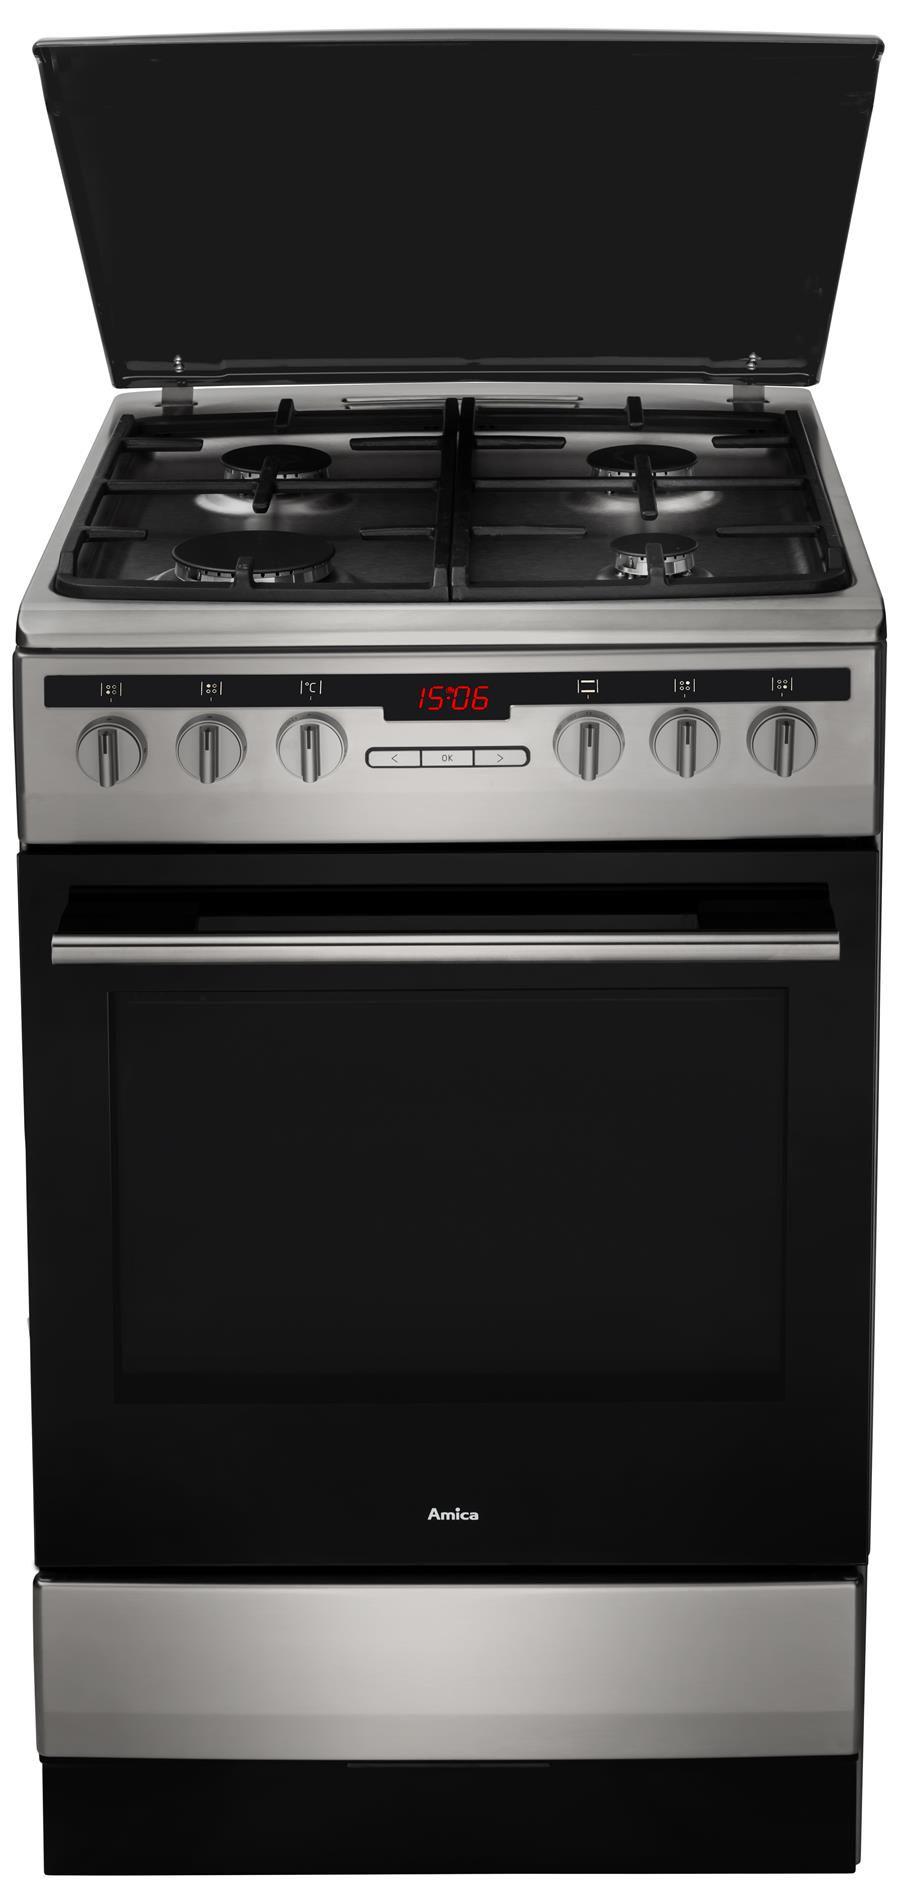 Kuchnia wolnostojąca gazowo elektryczna 500 57GE3 33HZpTaDpAQ(Xx)  Amica -> Kuchnia Amica Instrukcja Obslugi Piekarnika